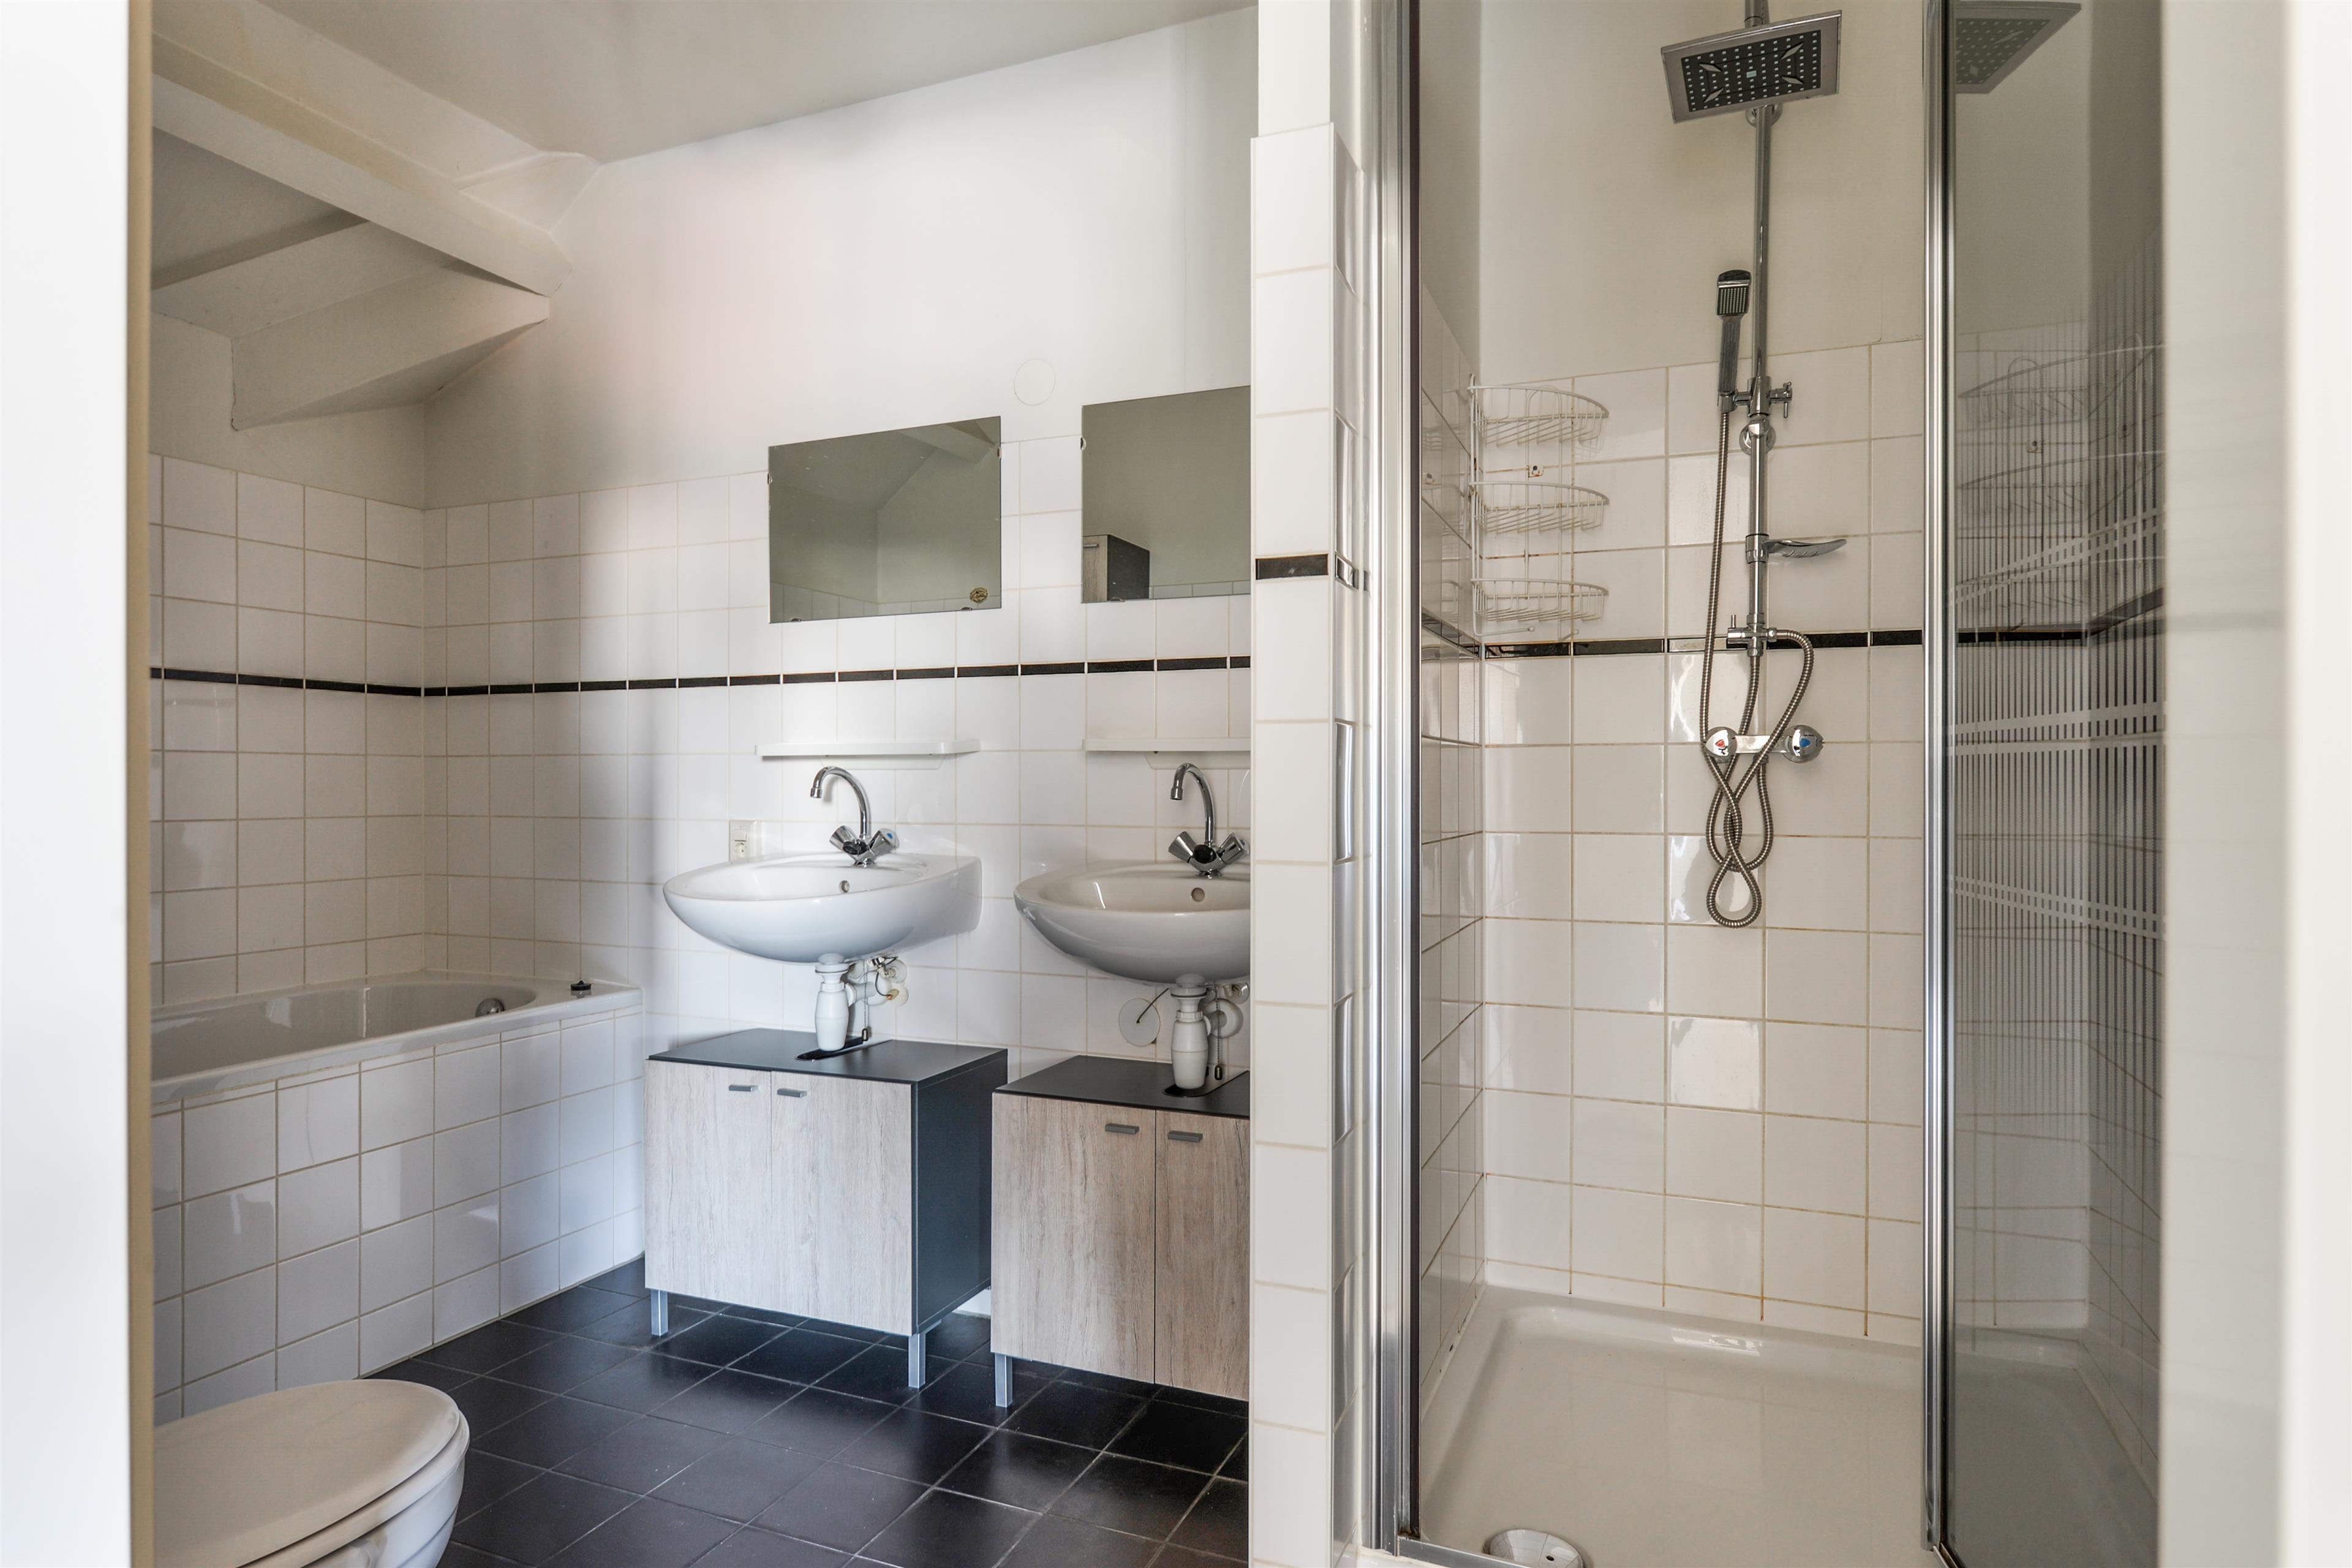 Te koop: Raadhuisstraat 5c, Heerhugowaard - Hoekstra en van Eck ...